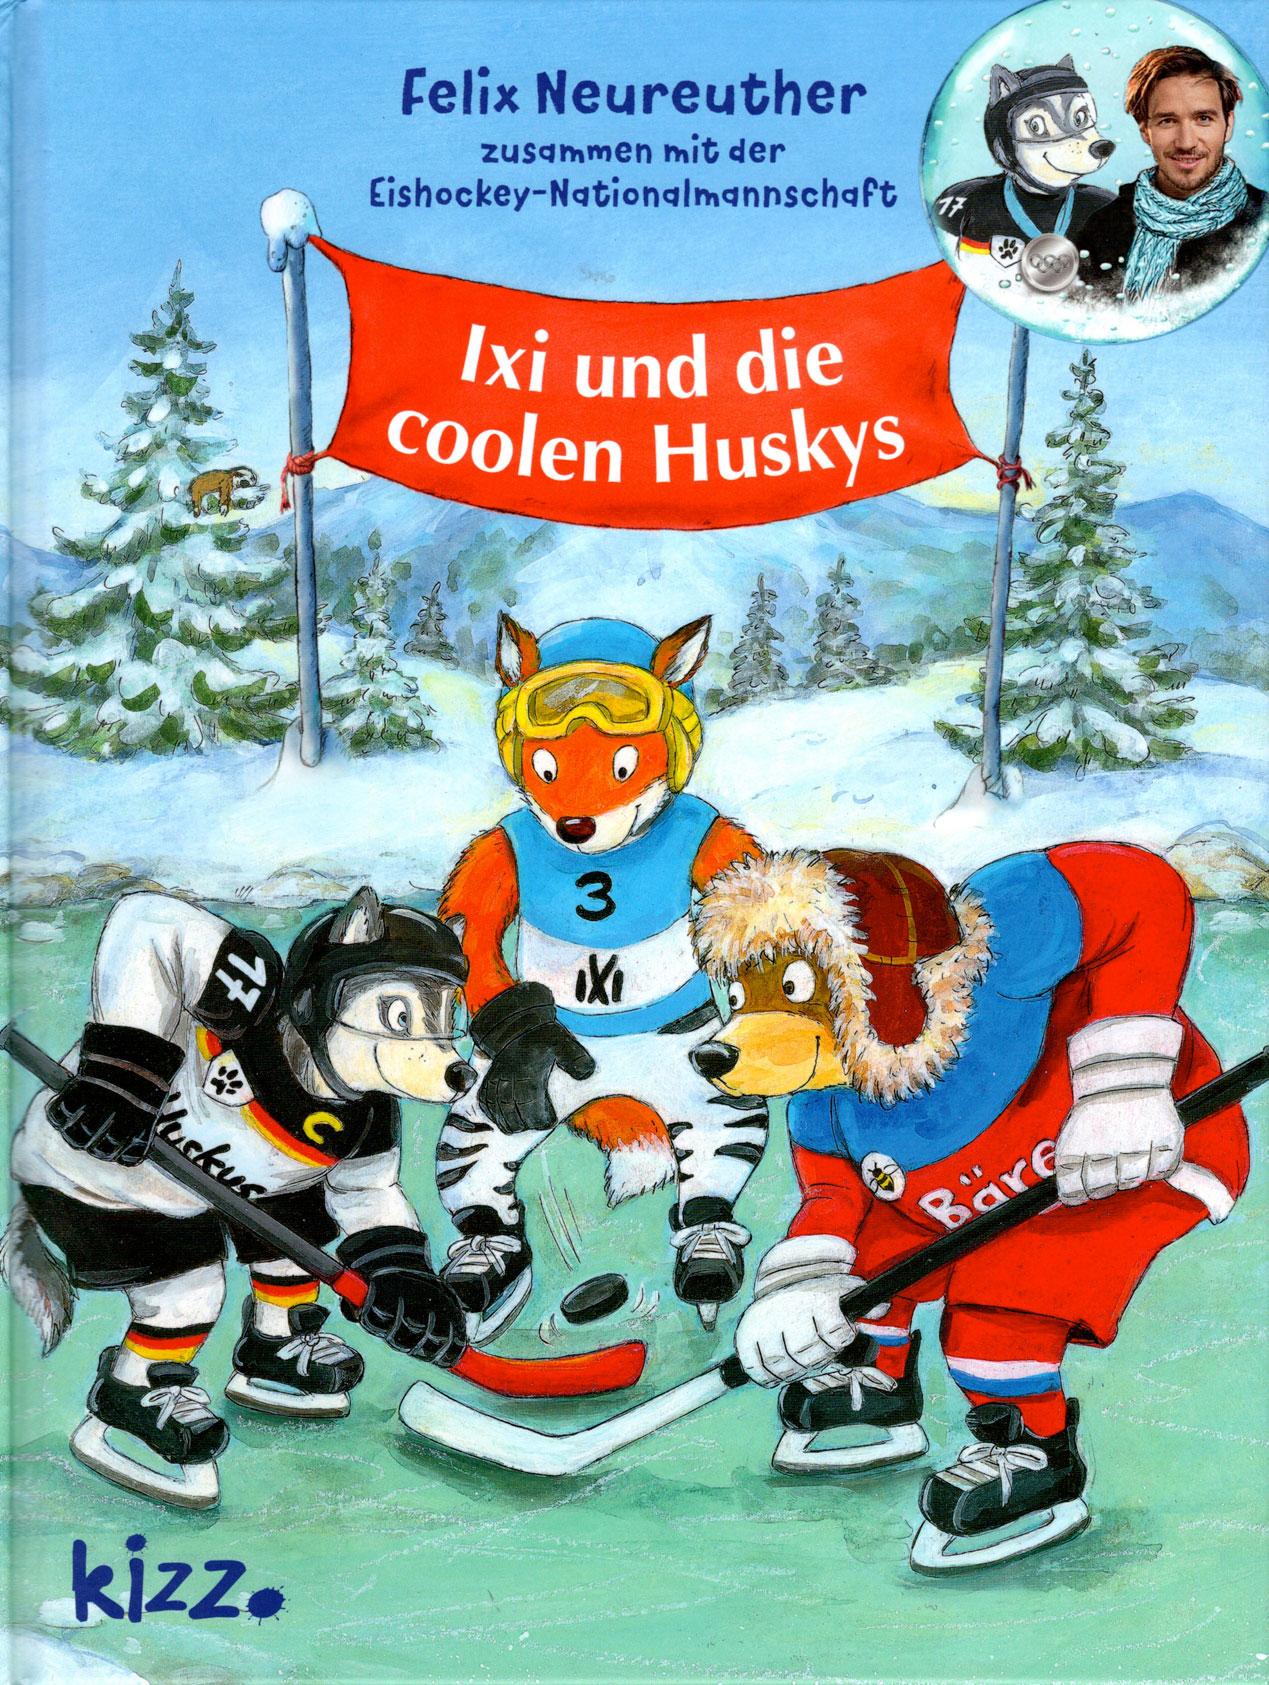 ixi-und-die-coolen-huskys